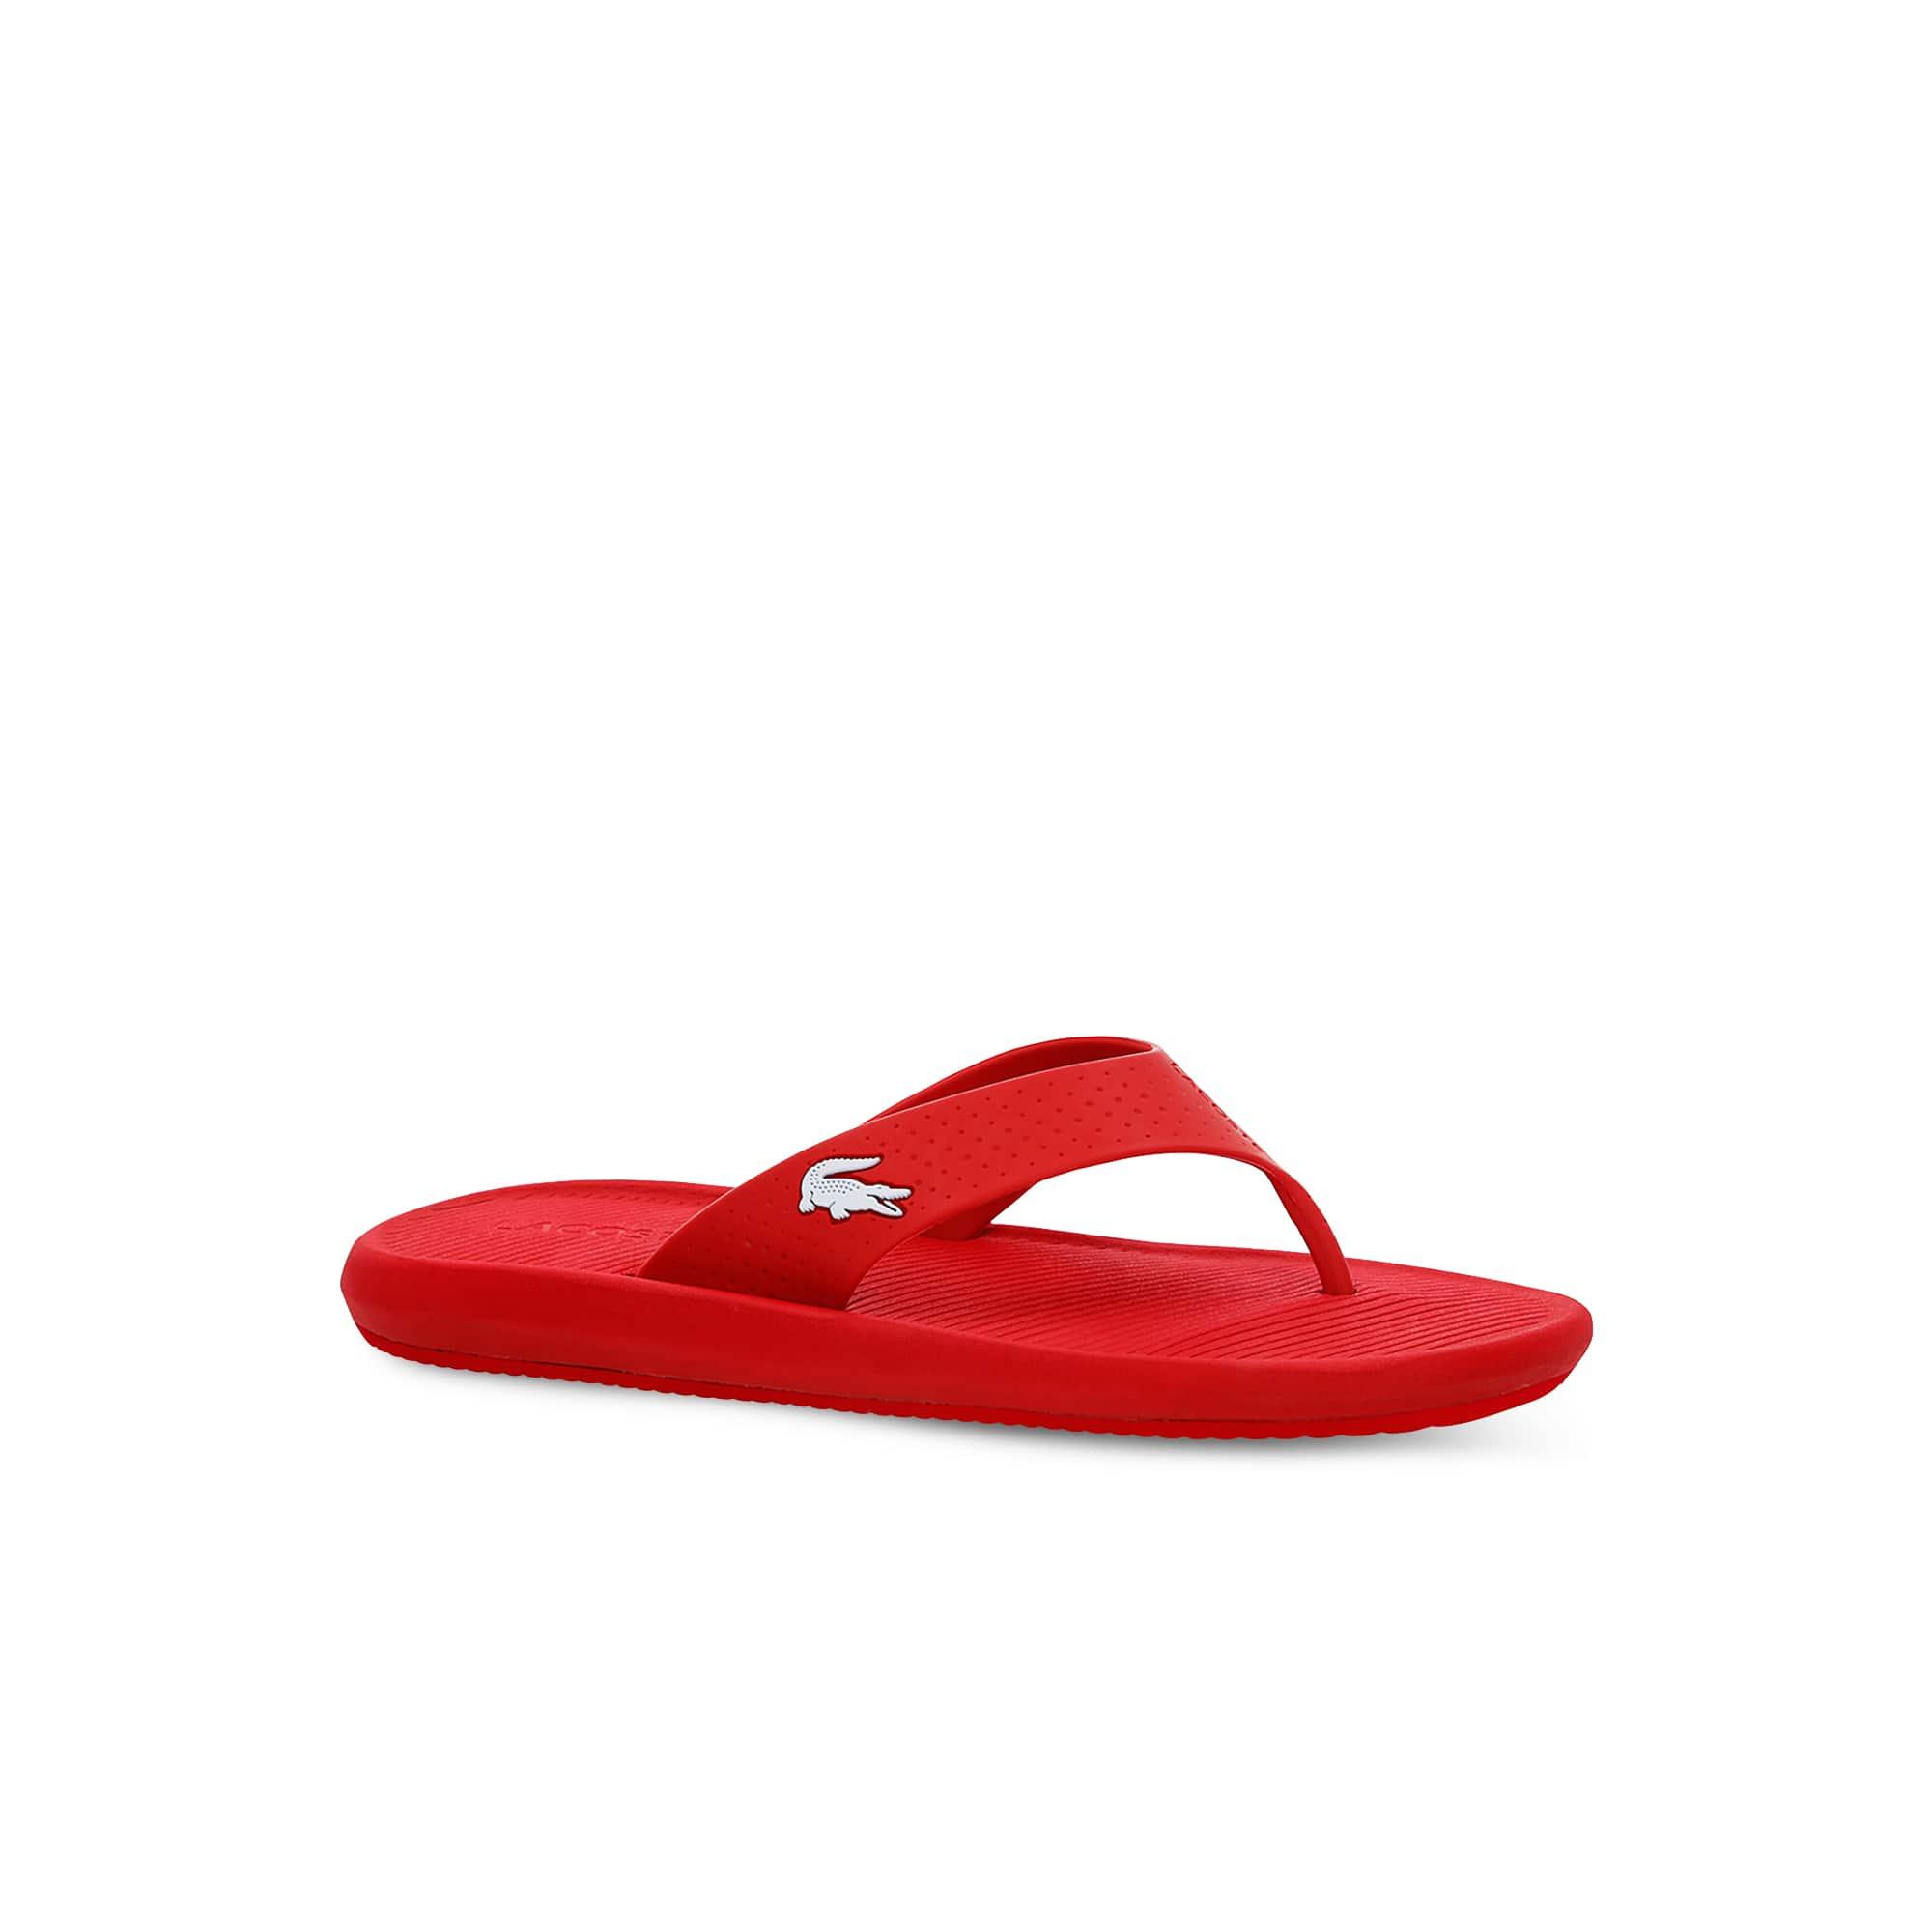 Flops Flops CollectionMen's Shoes Lacoste Flip Flip CollectionMen's Flip Shoes Lacoste 9IeW2EDHY